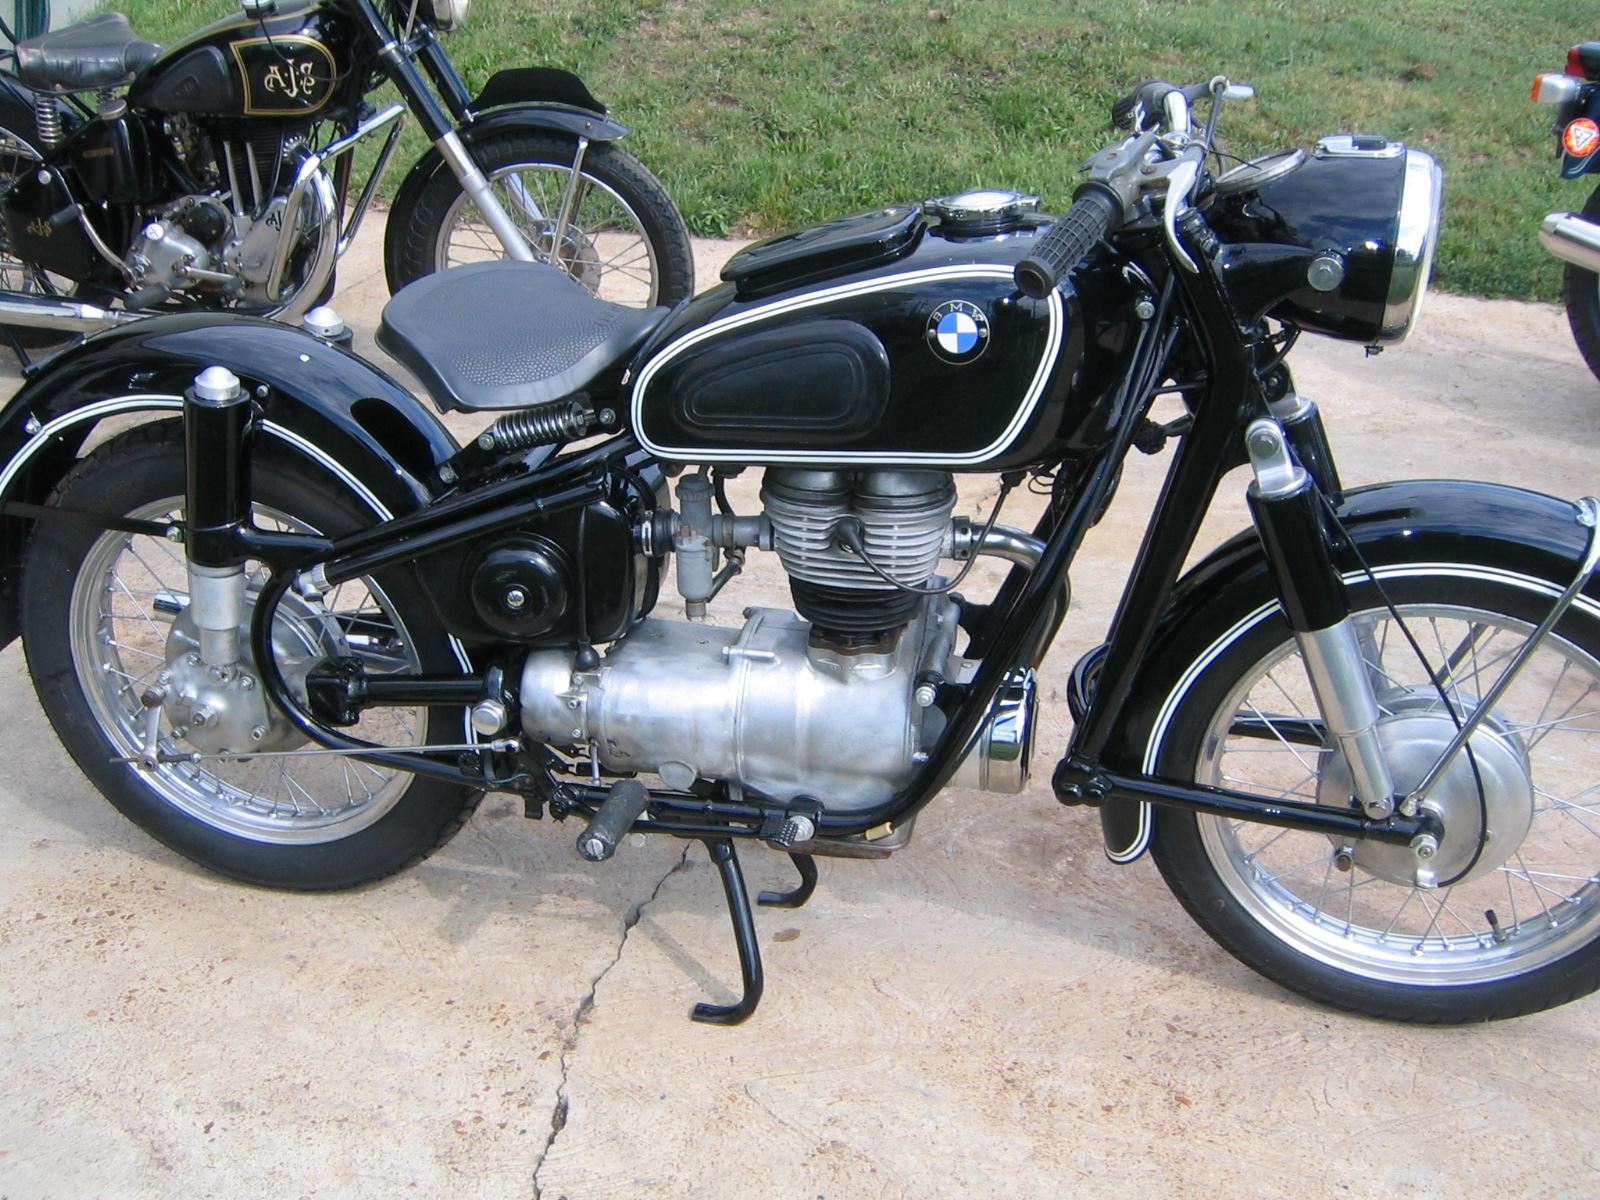 1966 Bmw R27